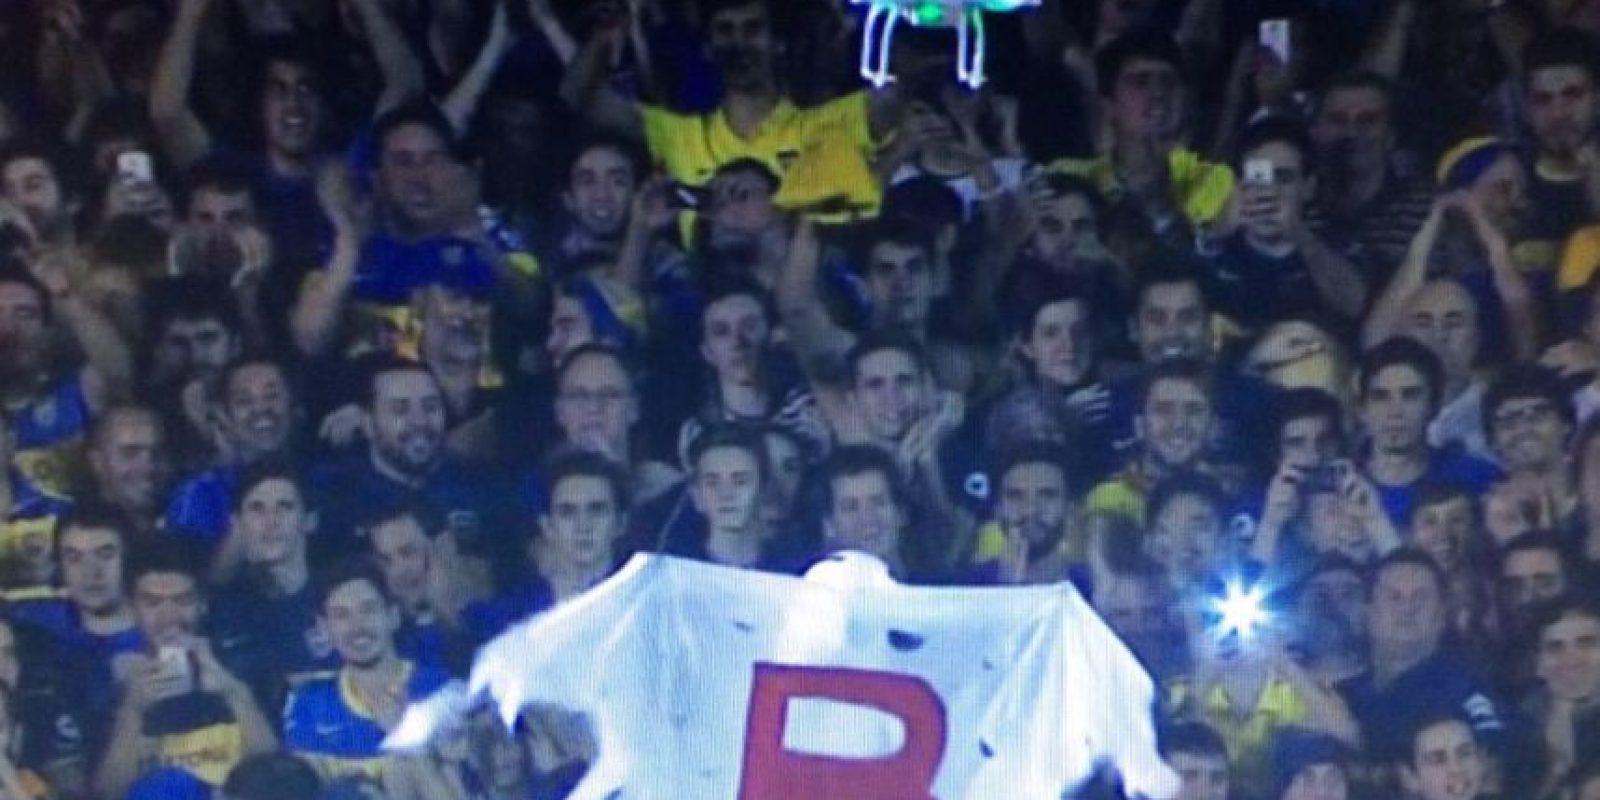 """Este artefacto paseó por las gradas del estadio al """"Fantasma de la B"""", una clara referencia al descenso vivido por los """"Millonarios"""" en 2011. Foto:Vía twitter.com"""